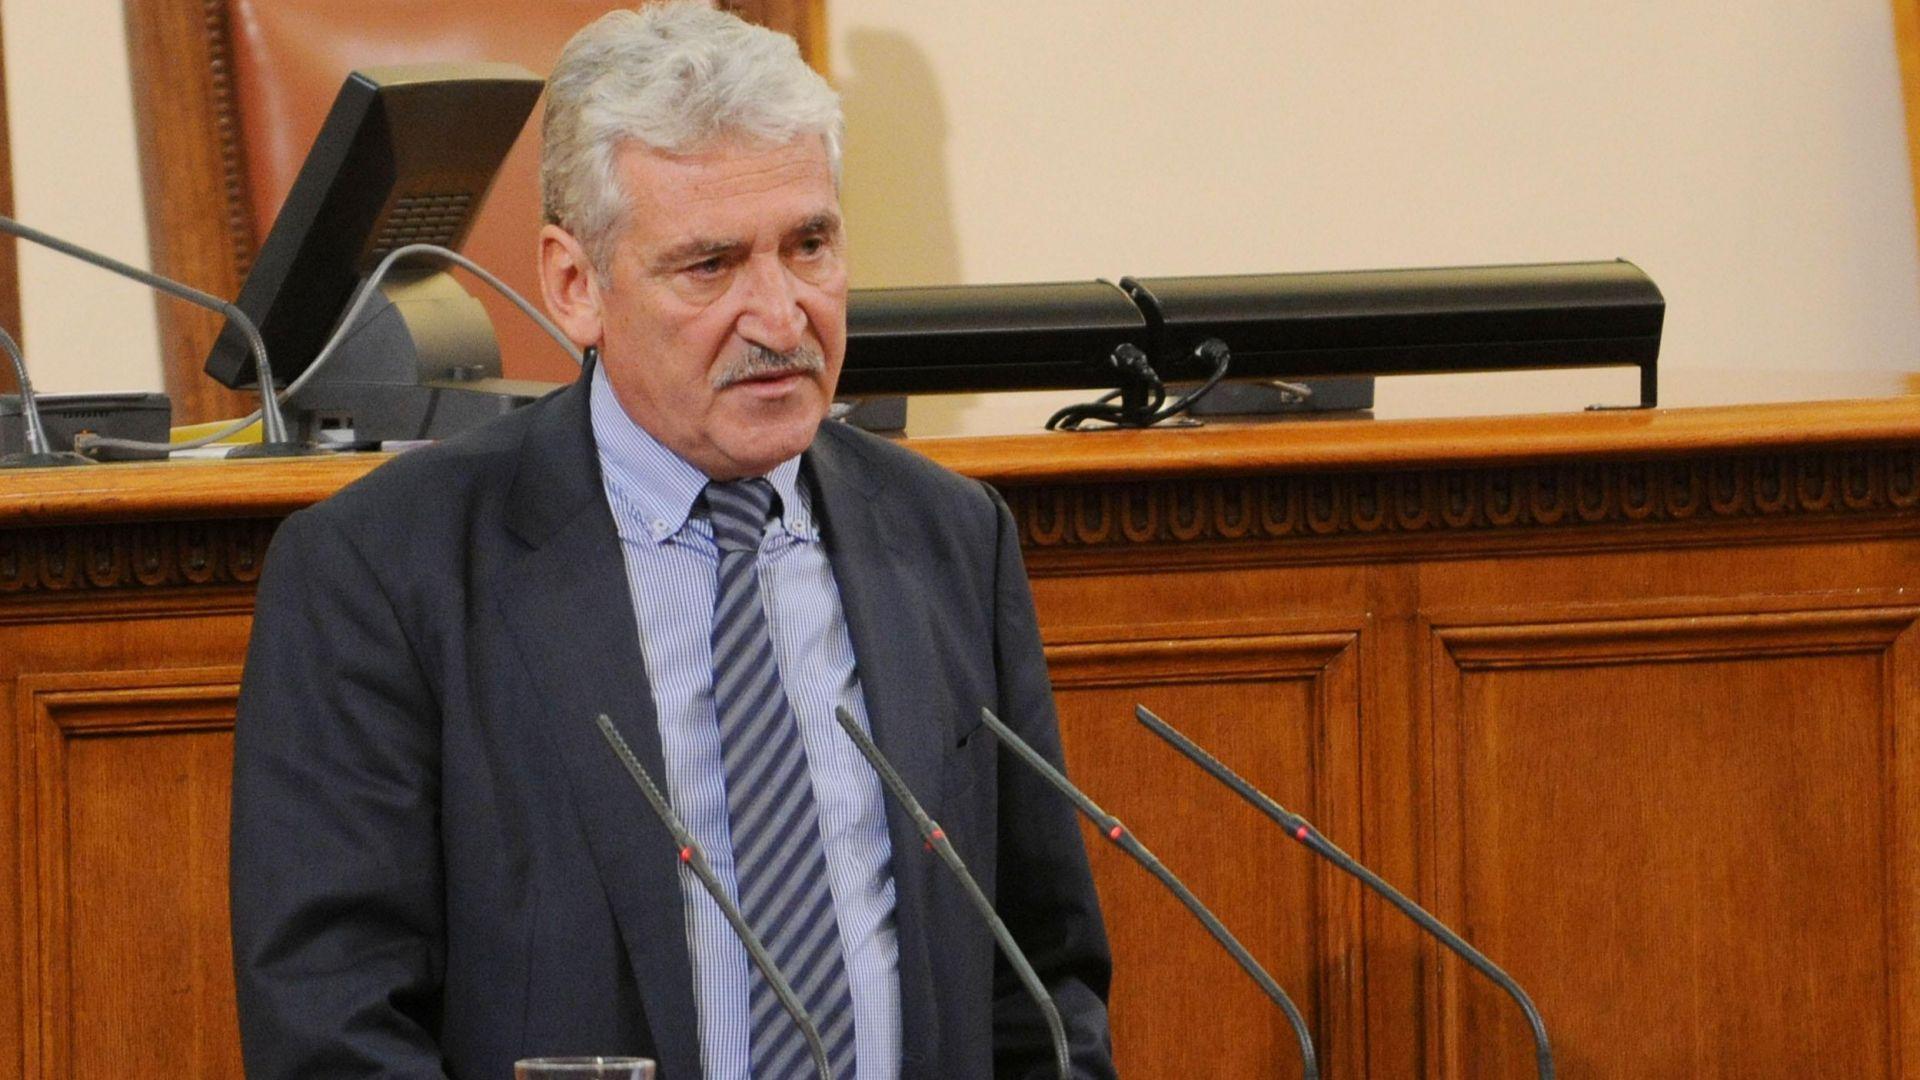 Красимир Велчев: Бойко Борисов няма да подаде оставка трети път заради сценария в Перник